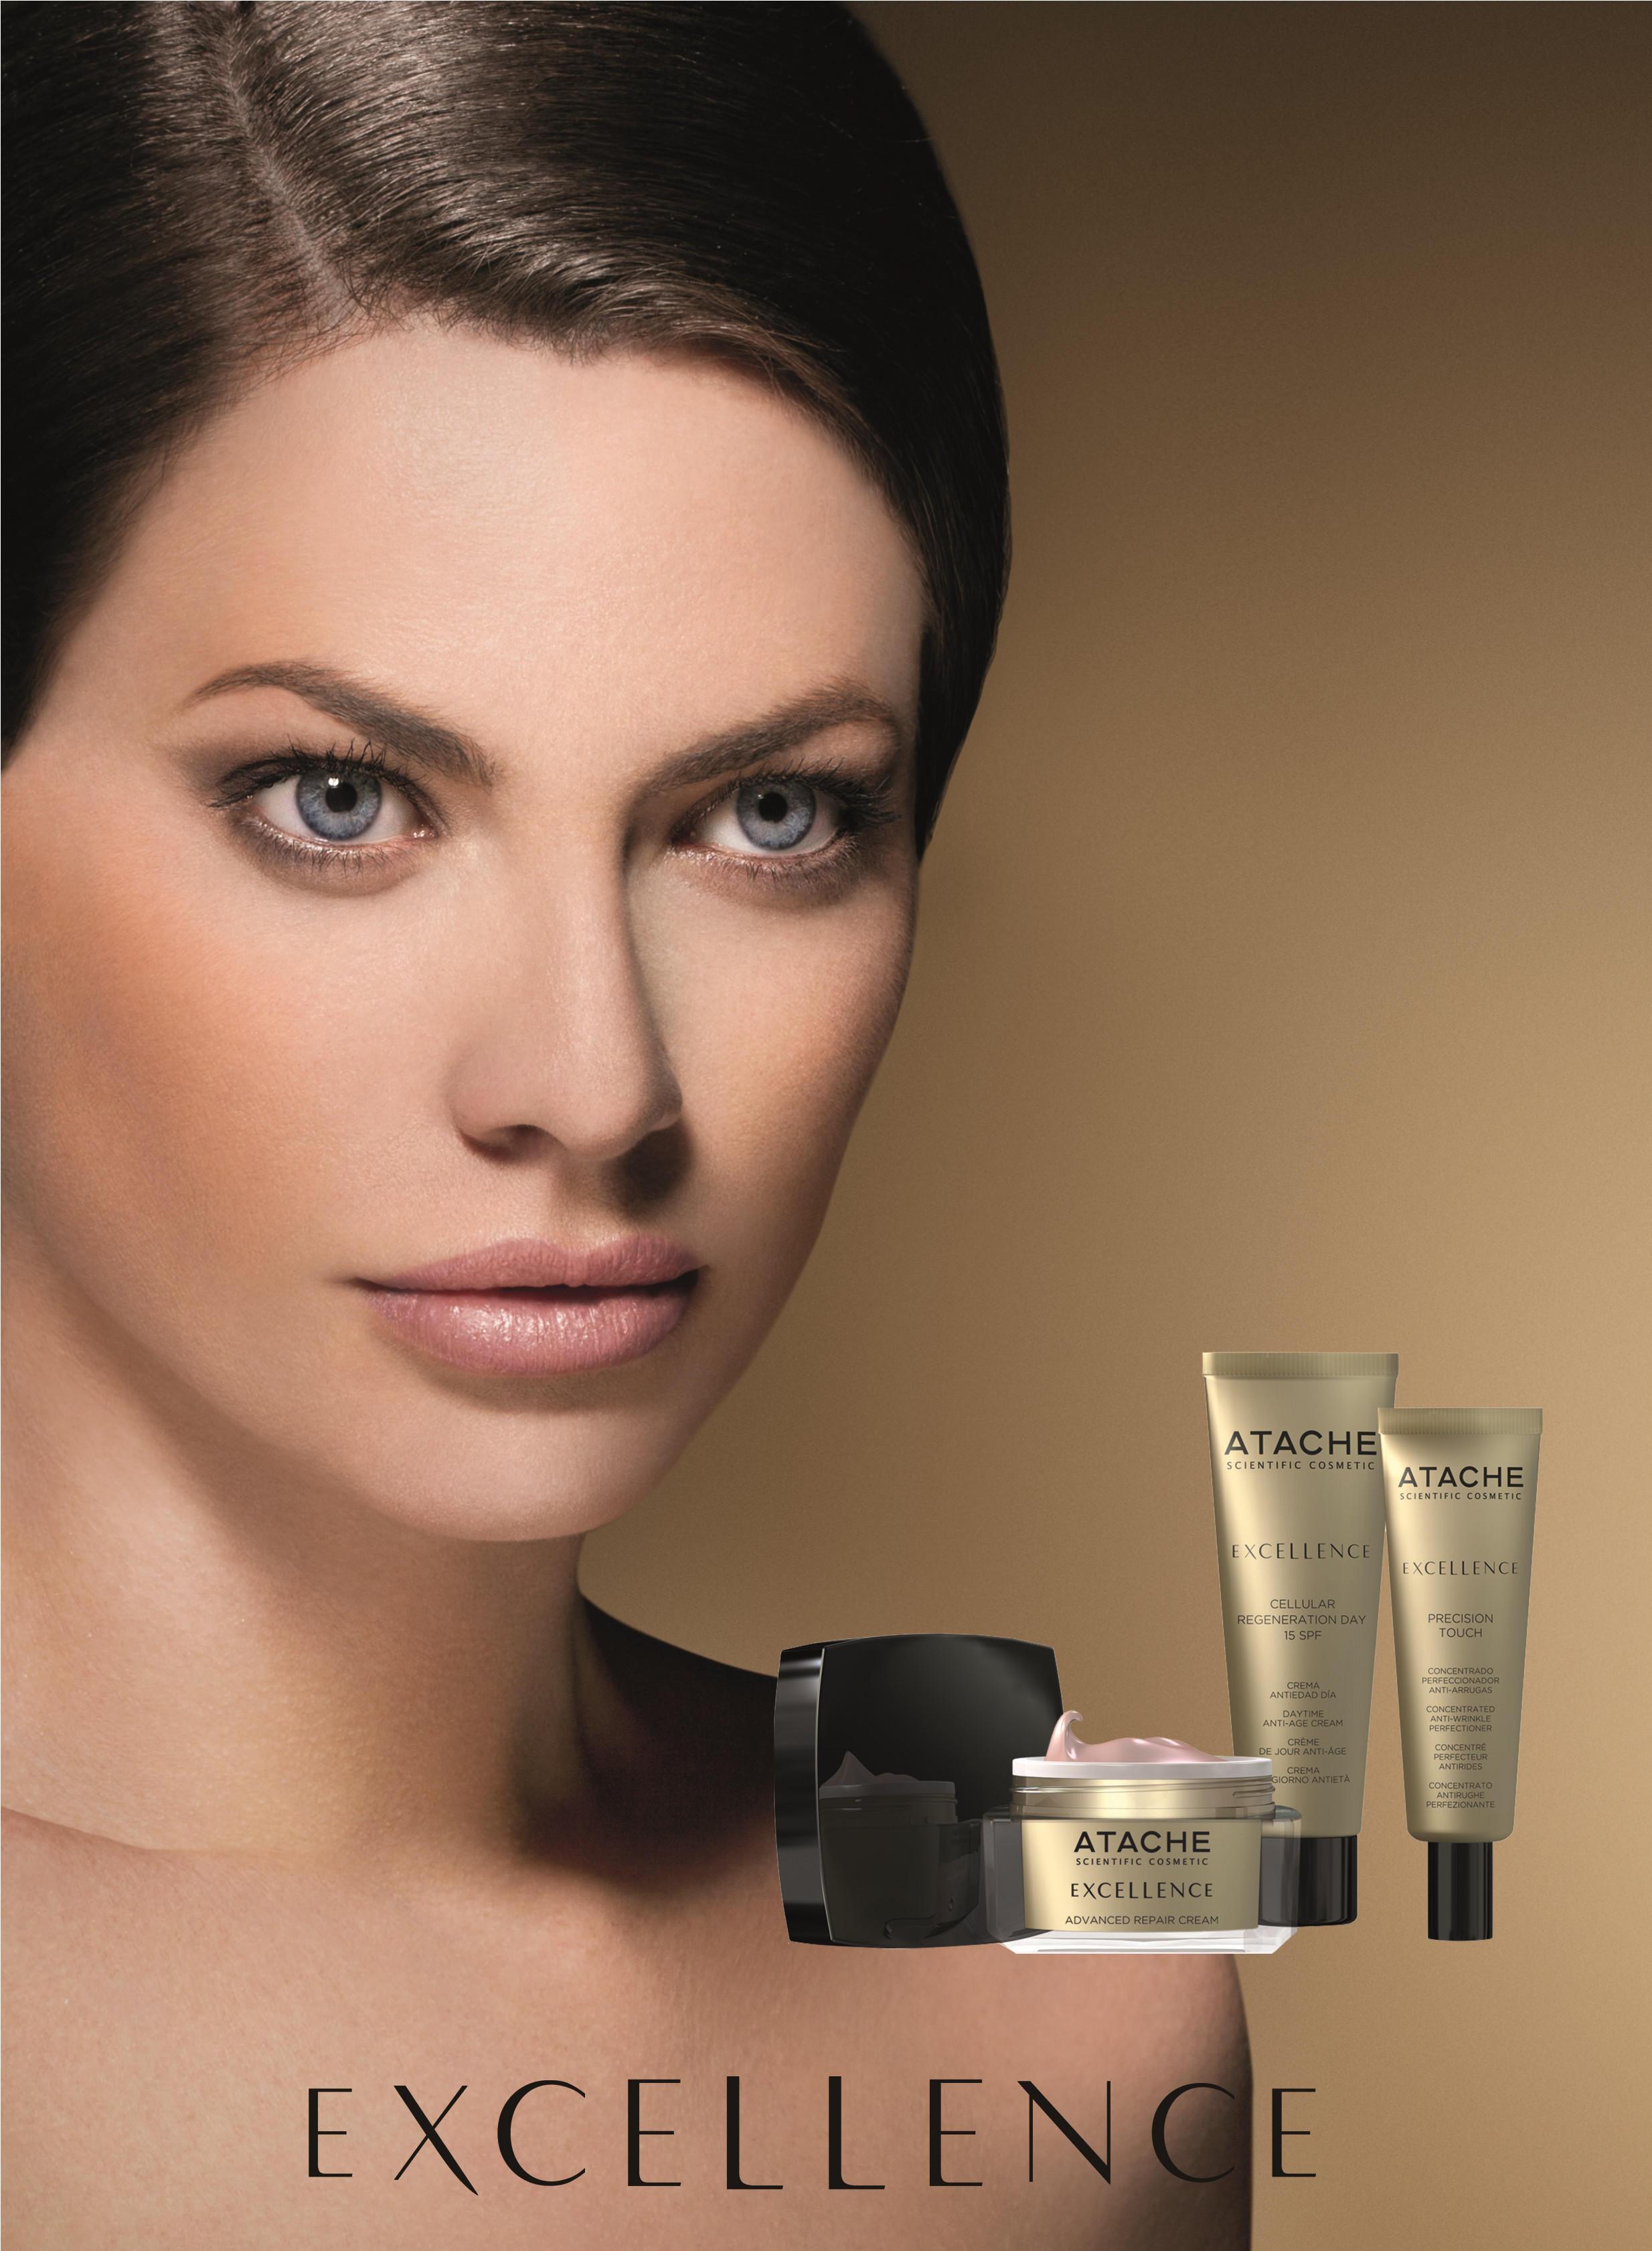 进口护肤品雅特雪,西班牙第一品牌